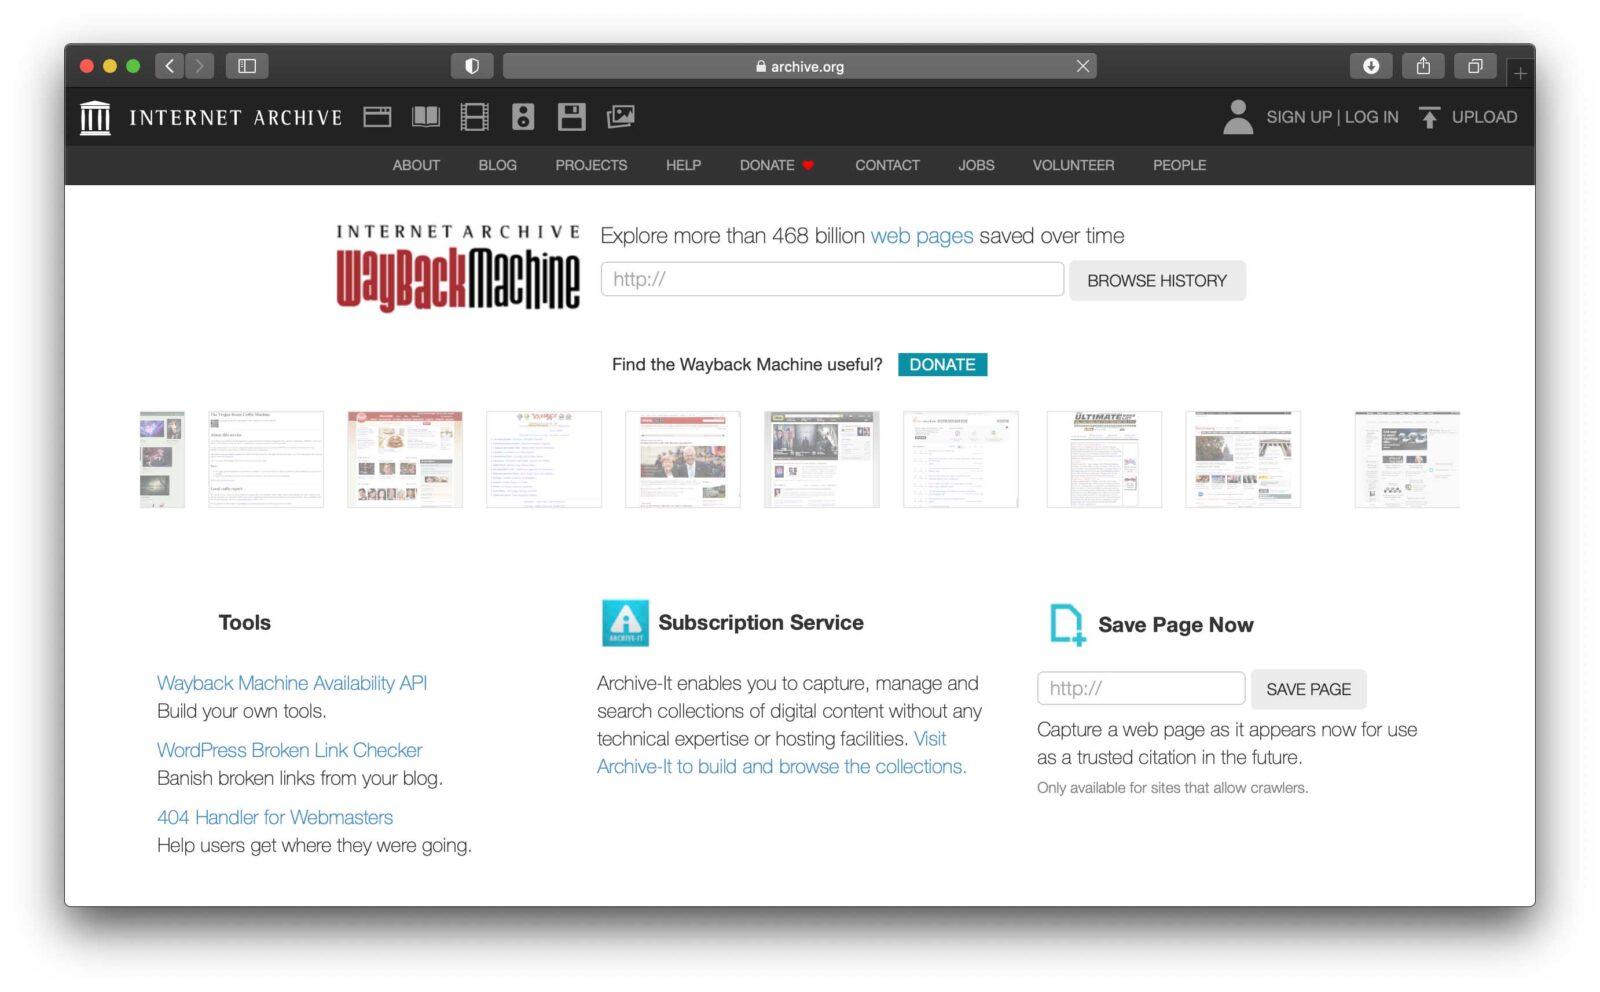 Accordo di Internet Archive con CloudFlare per l'archivio digitale di Wayback Machine